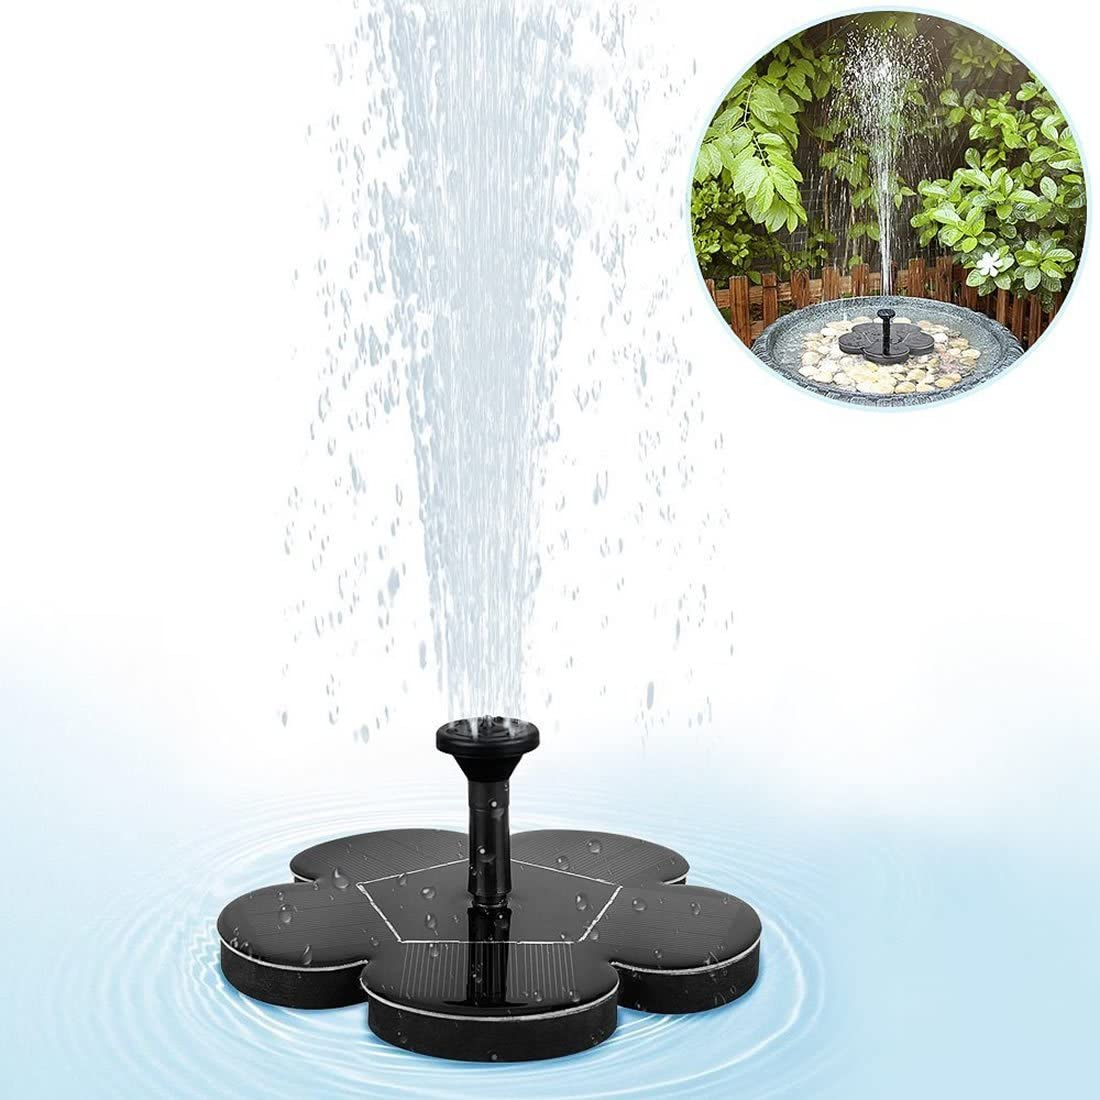 SENCILLO Outdoor Solar Power Vogelbad Wasserbrunnen Pumpe Solar Sprinkler Brunnen f/ür Pool Teich Garten Terrasse Aquarium Dekoration